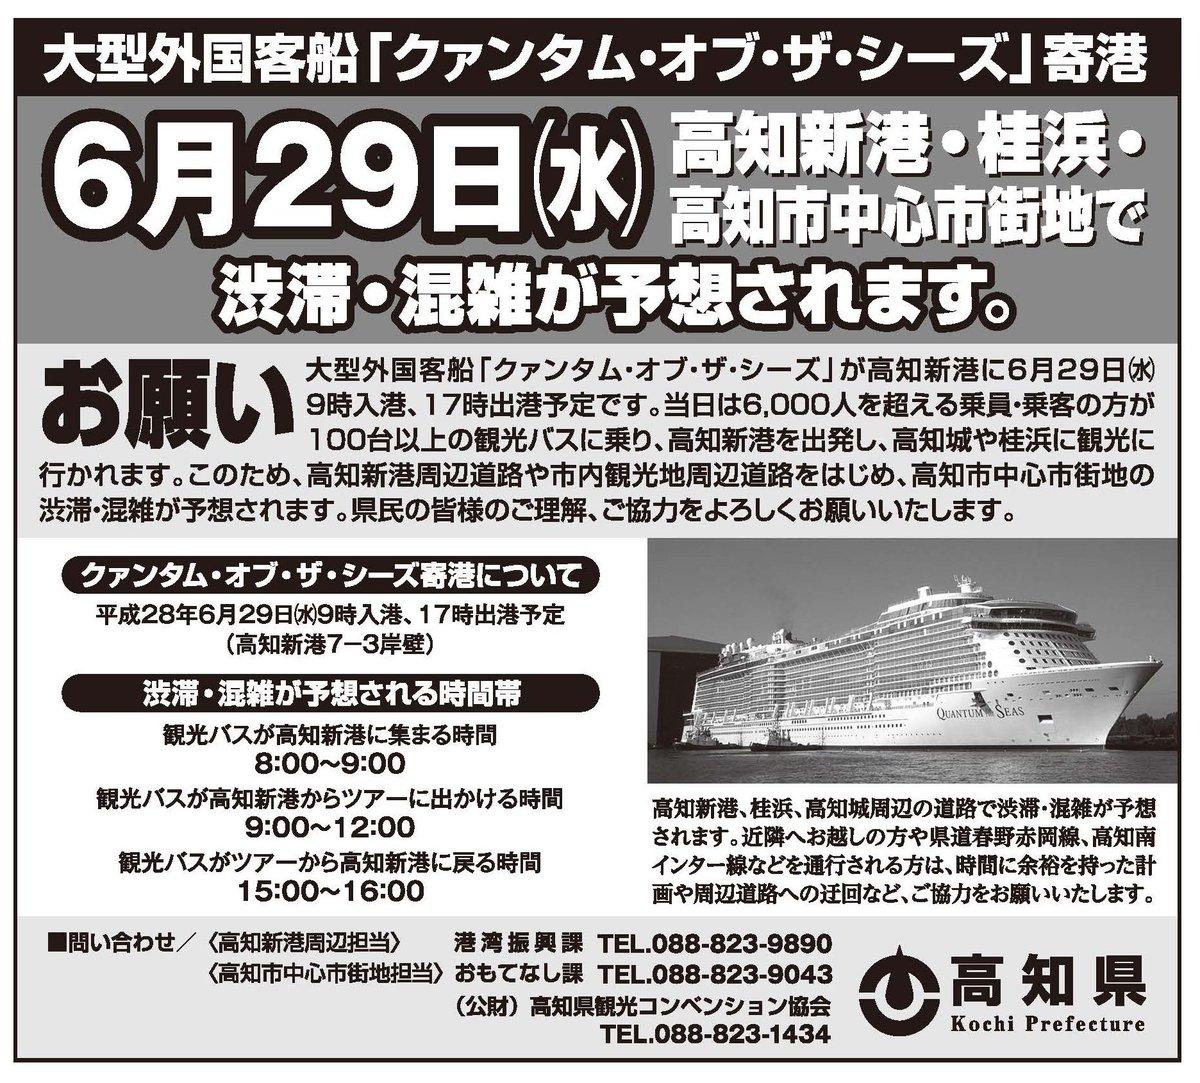 【拡散希望】 明日6月29日(水)に、日本に寄港している客船の中では最大の外国客船が高知新港へ初寄港します!これにあたり、高知新港・桂浜・高知市中心市街地で渋滞・混雑が予想されます。県民の皆様のご理解、ご協力をよろしくお願いします。 https://t.co/Zj4e7PON6A